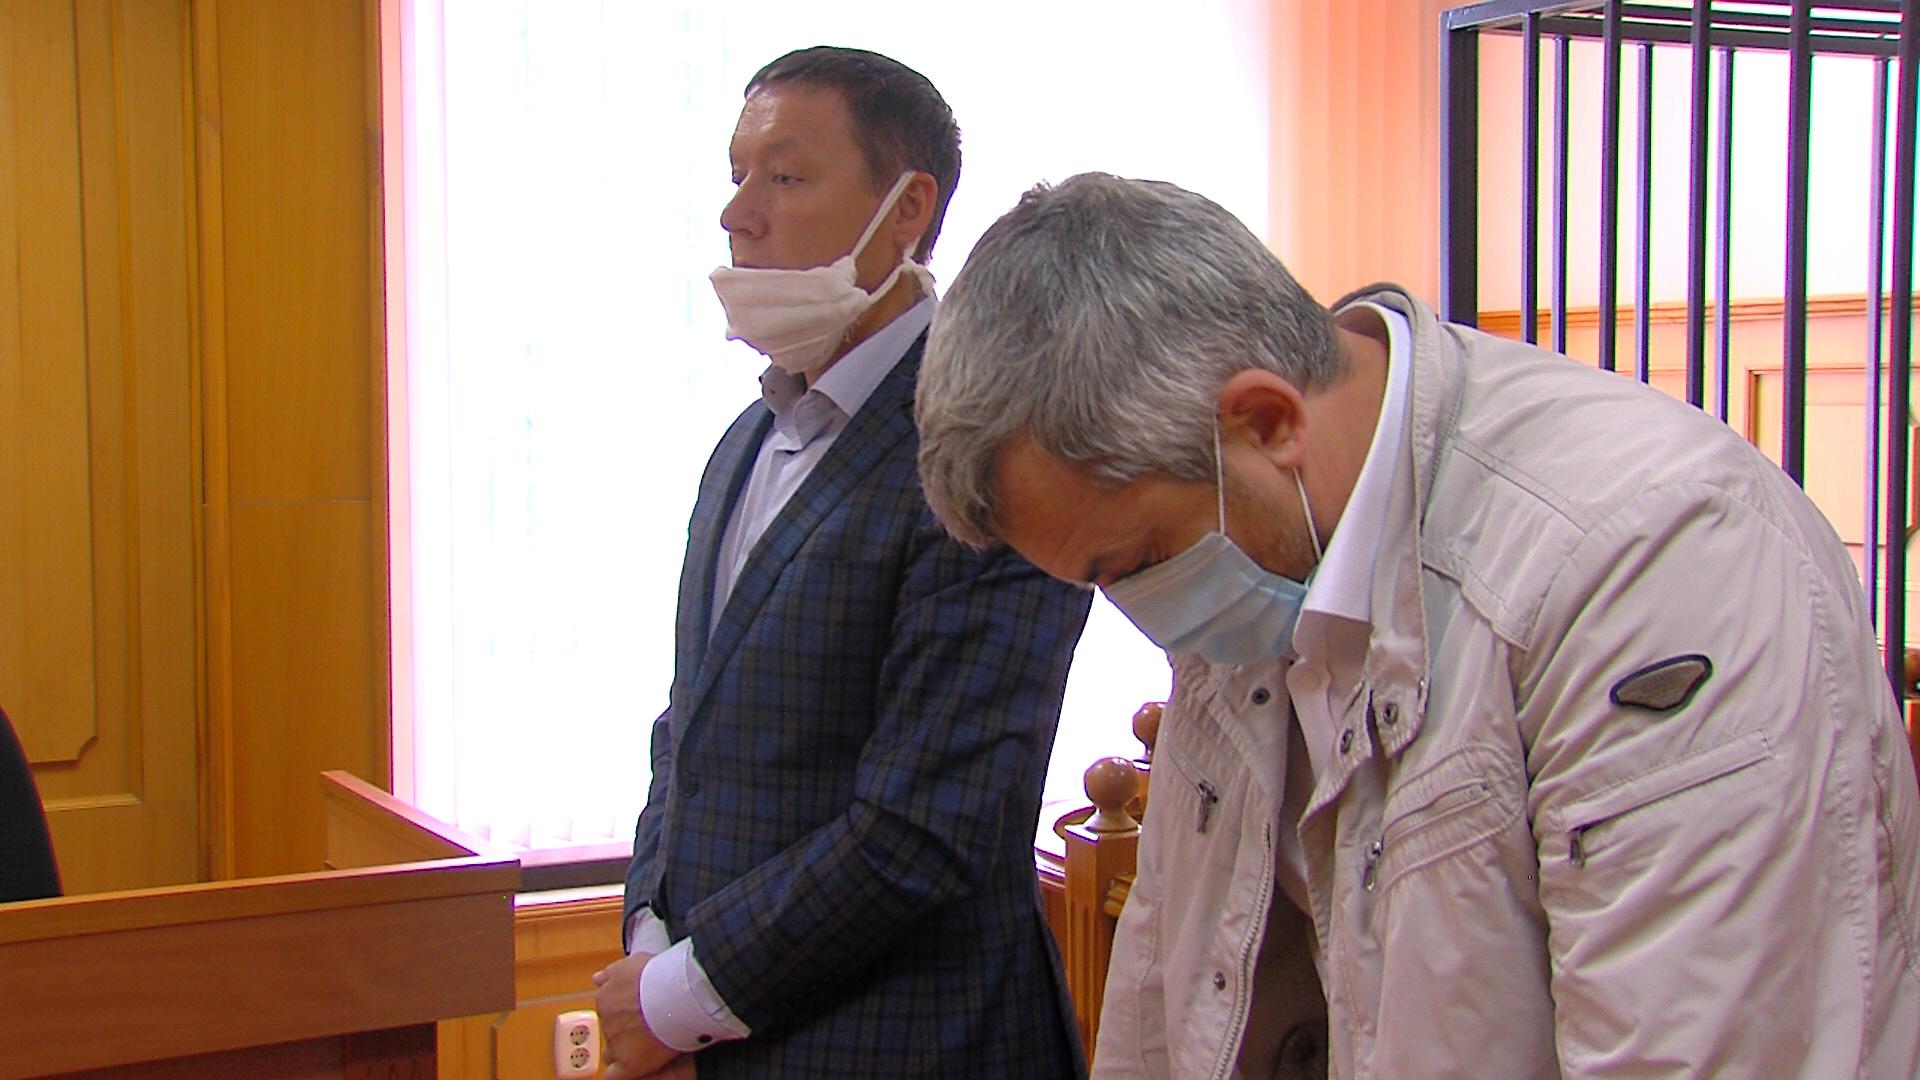 Андрей Талевлин (слева) и Владимир Казанцев пытались обжаловать решение Заксобрания через суд